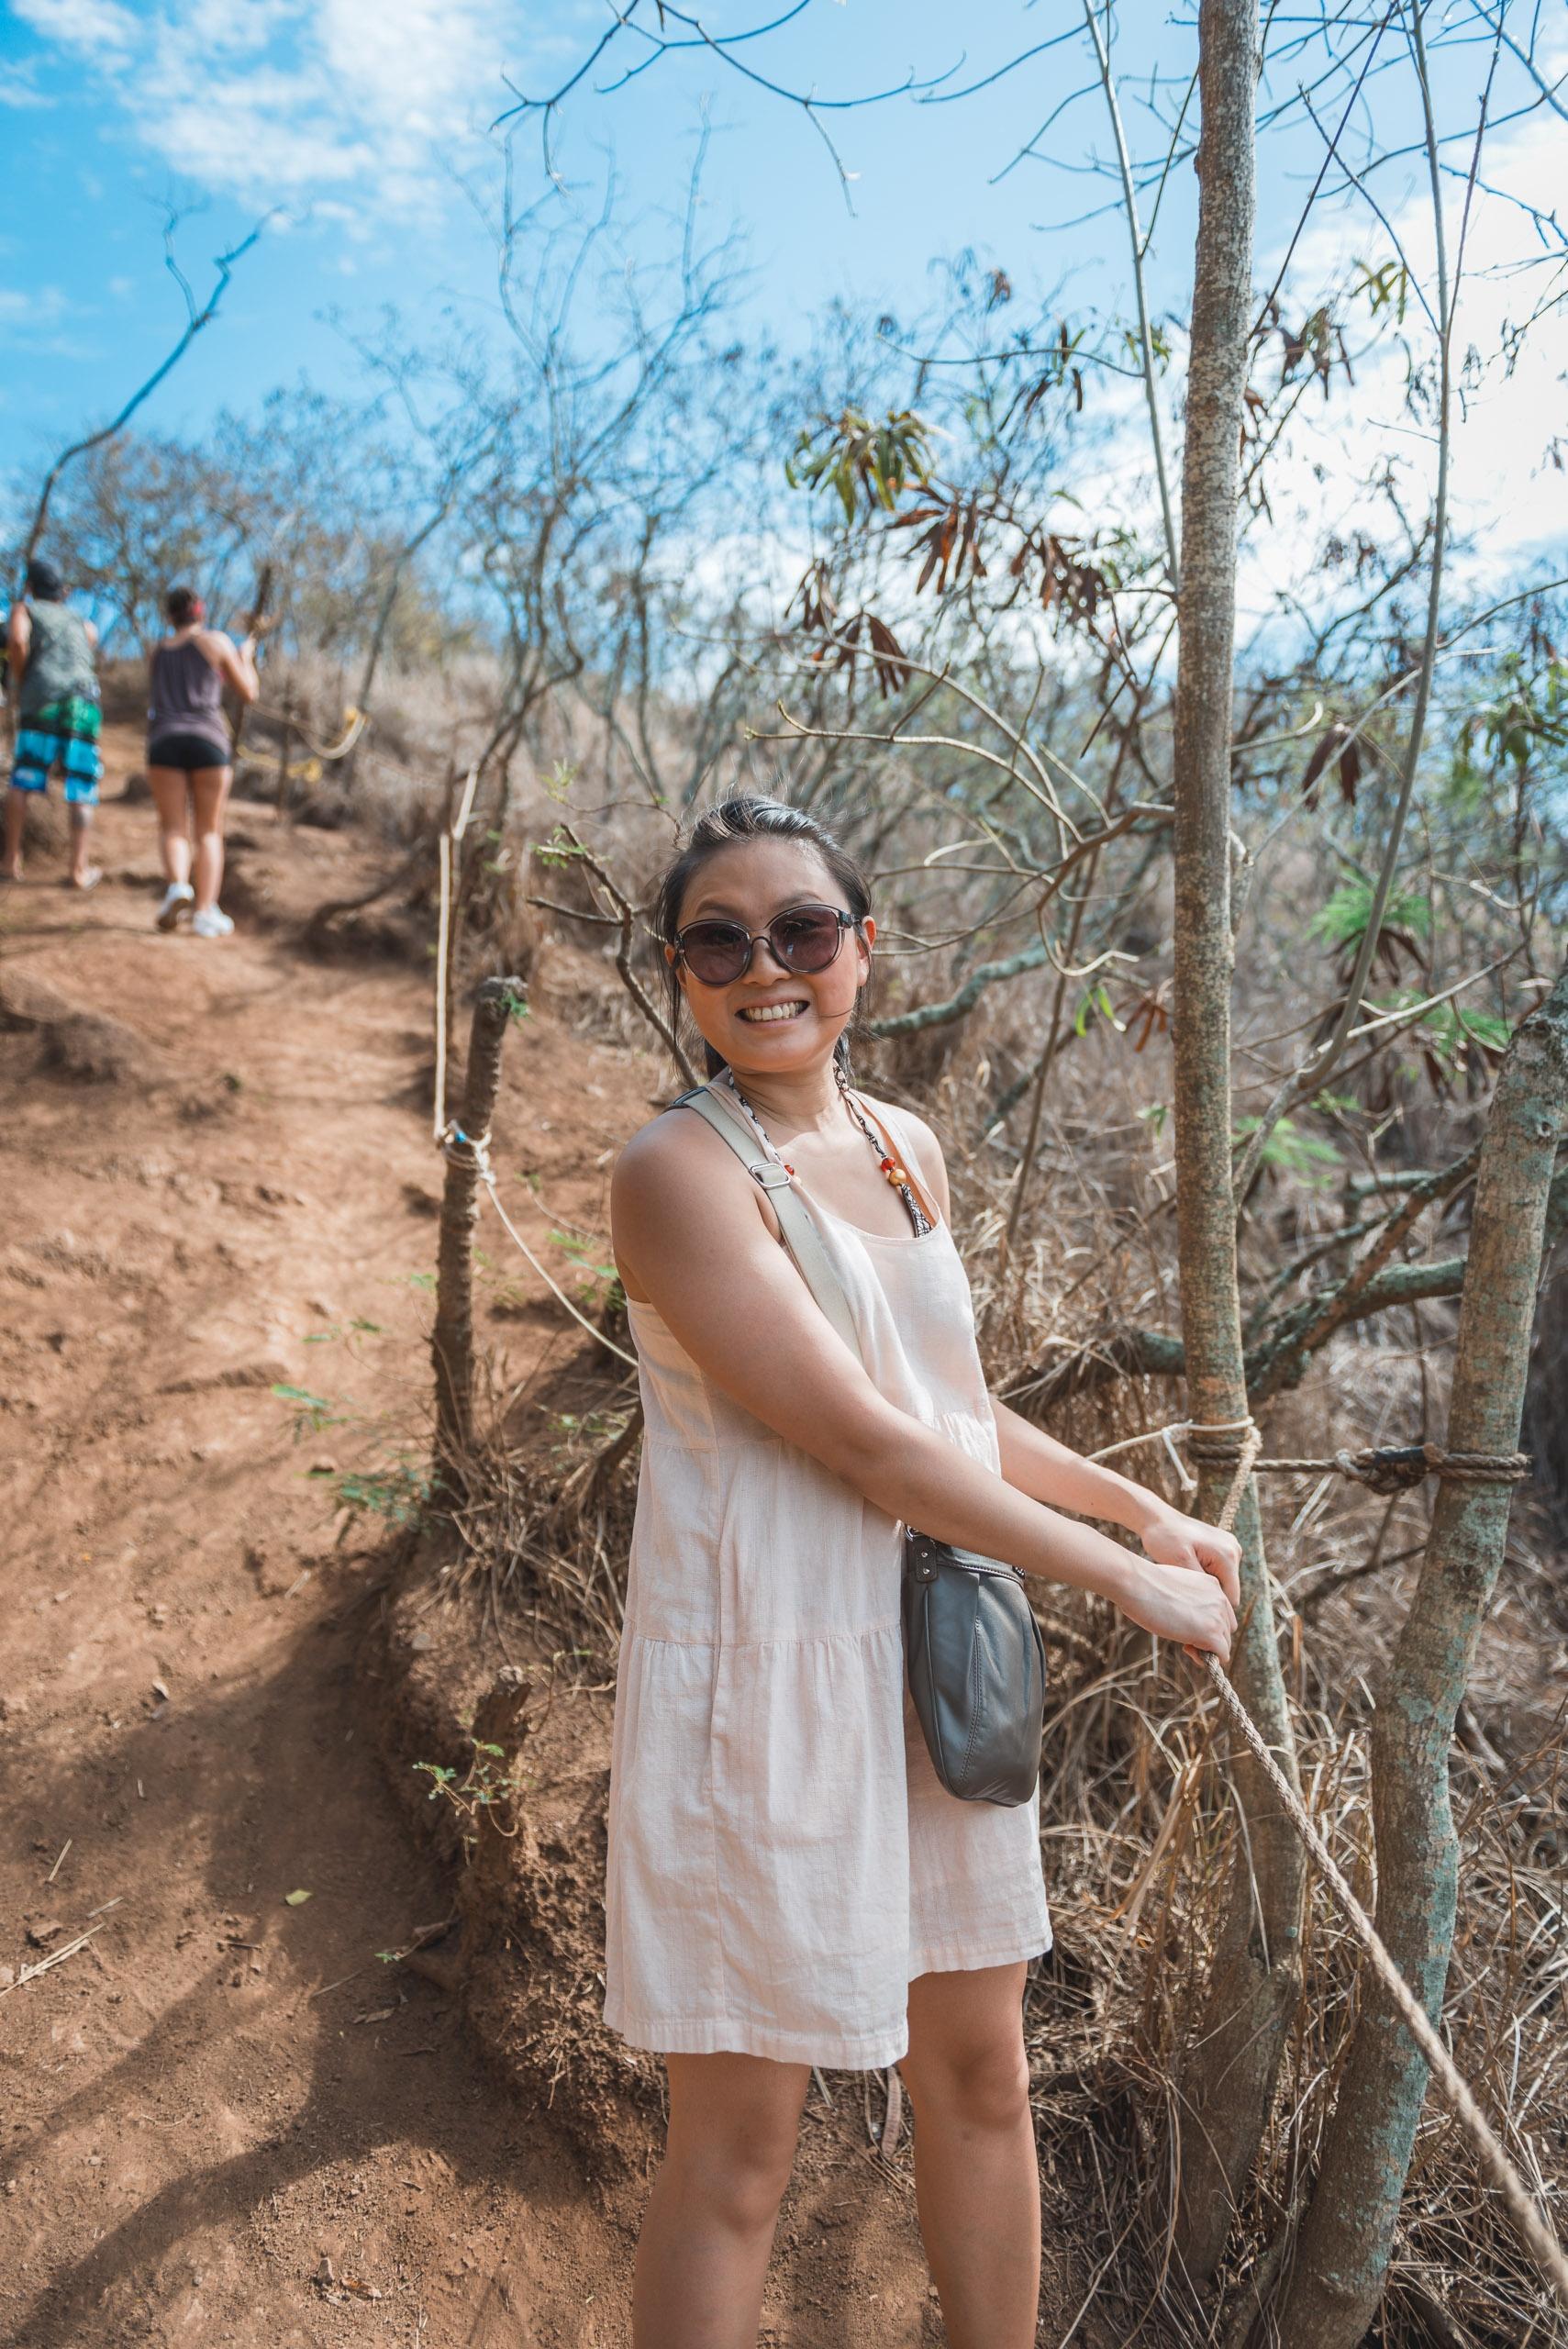 Jessica Descending the Pillbox Trail